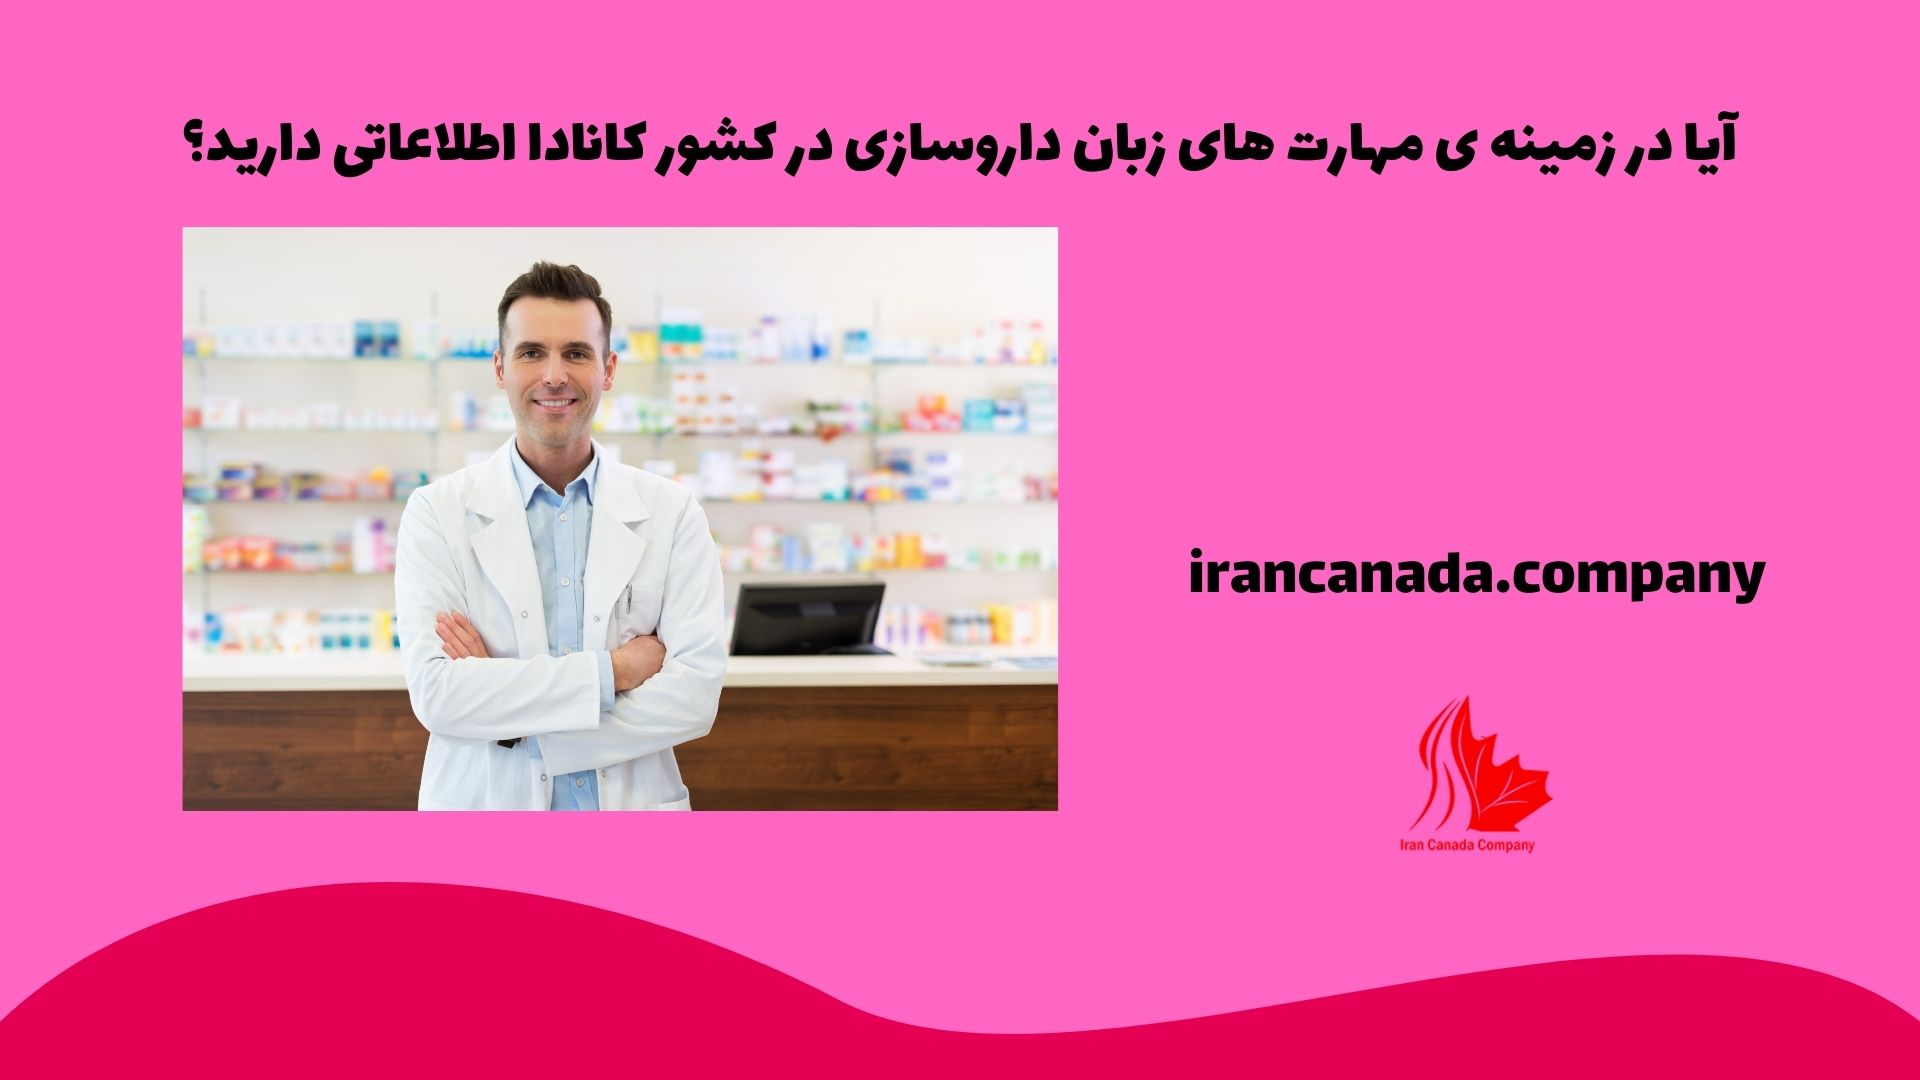 آیا در زمینه ی مهارت های زبان داروسازی در کشور کانادا اطلاعاتی دارید؟